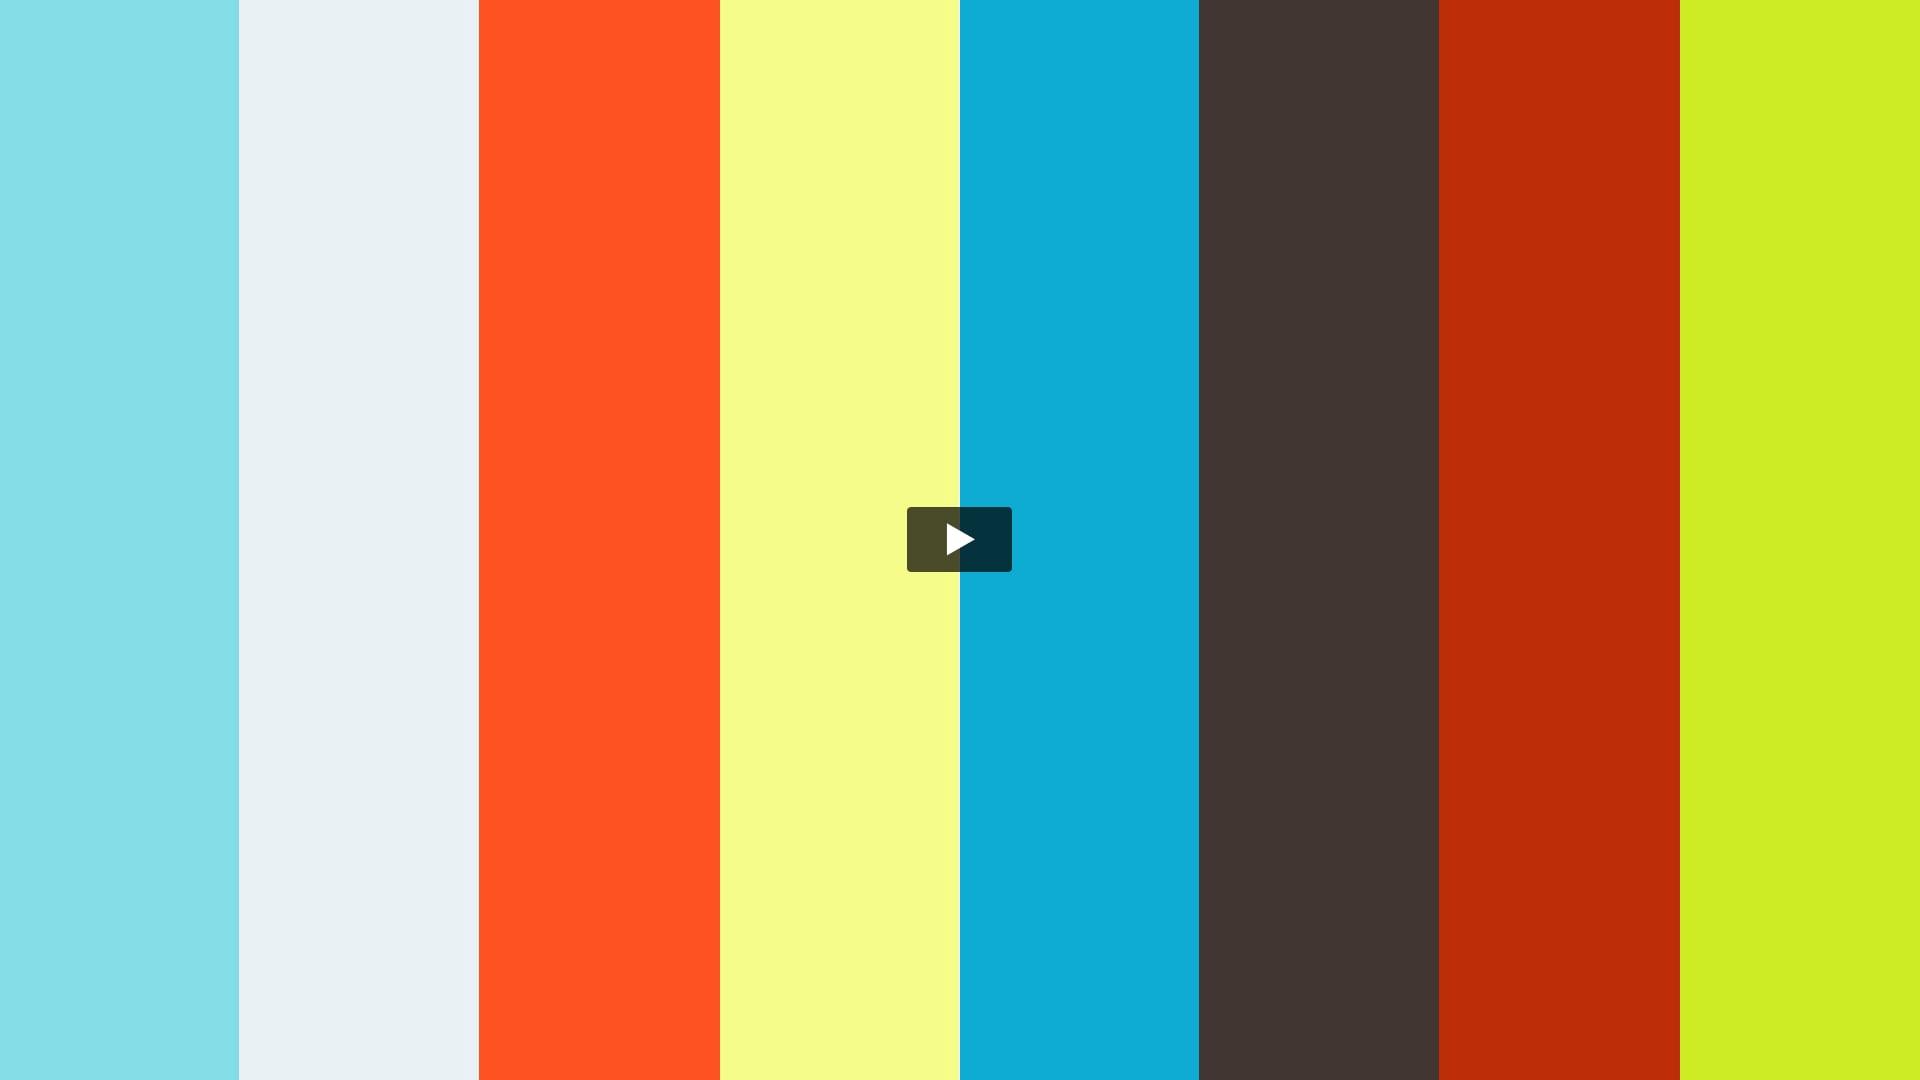 Si vous ne voyez pas le vidéo, il est accessible ici: https://vimeo.com/506614577